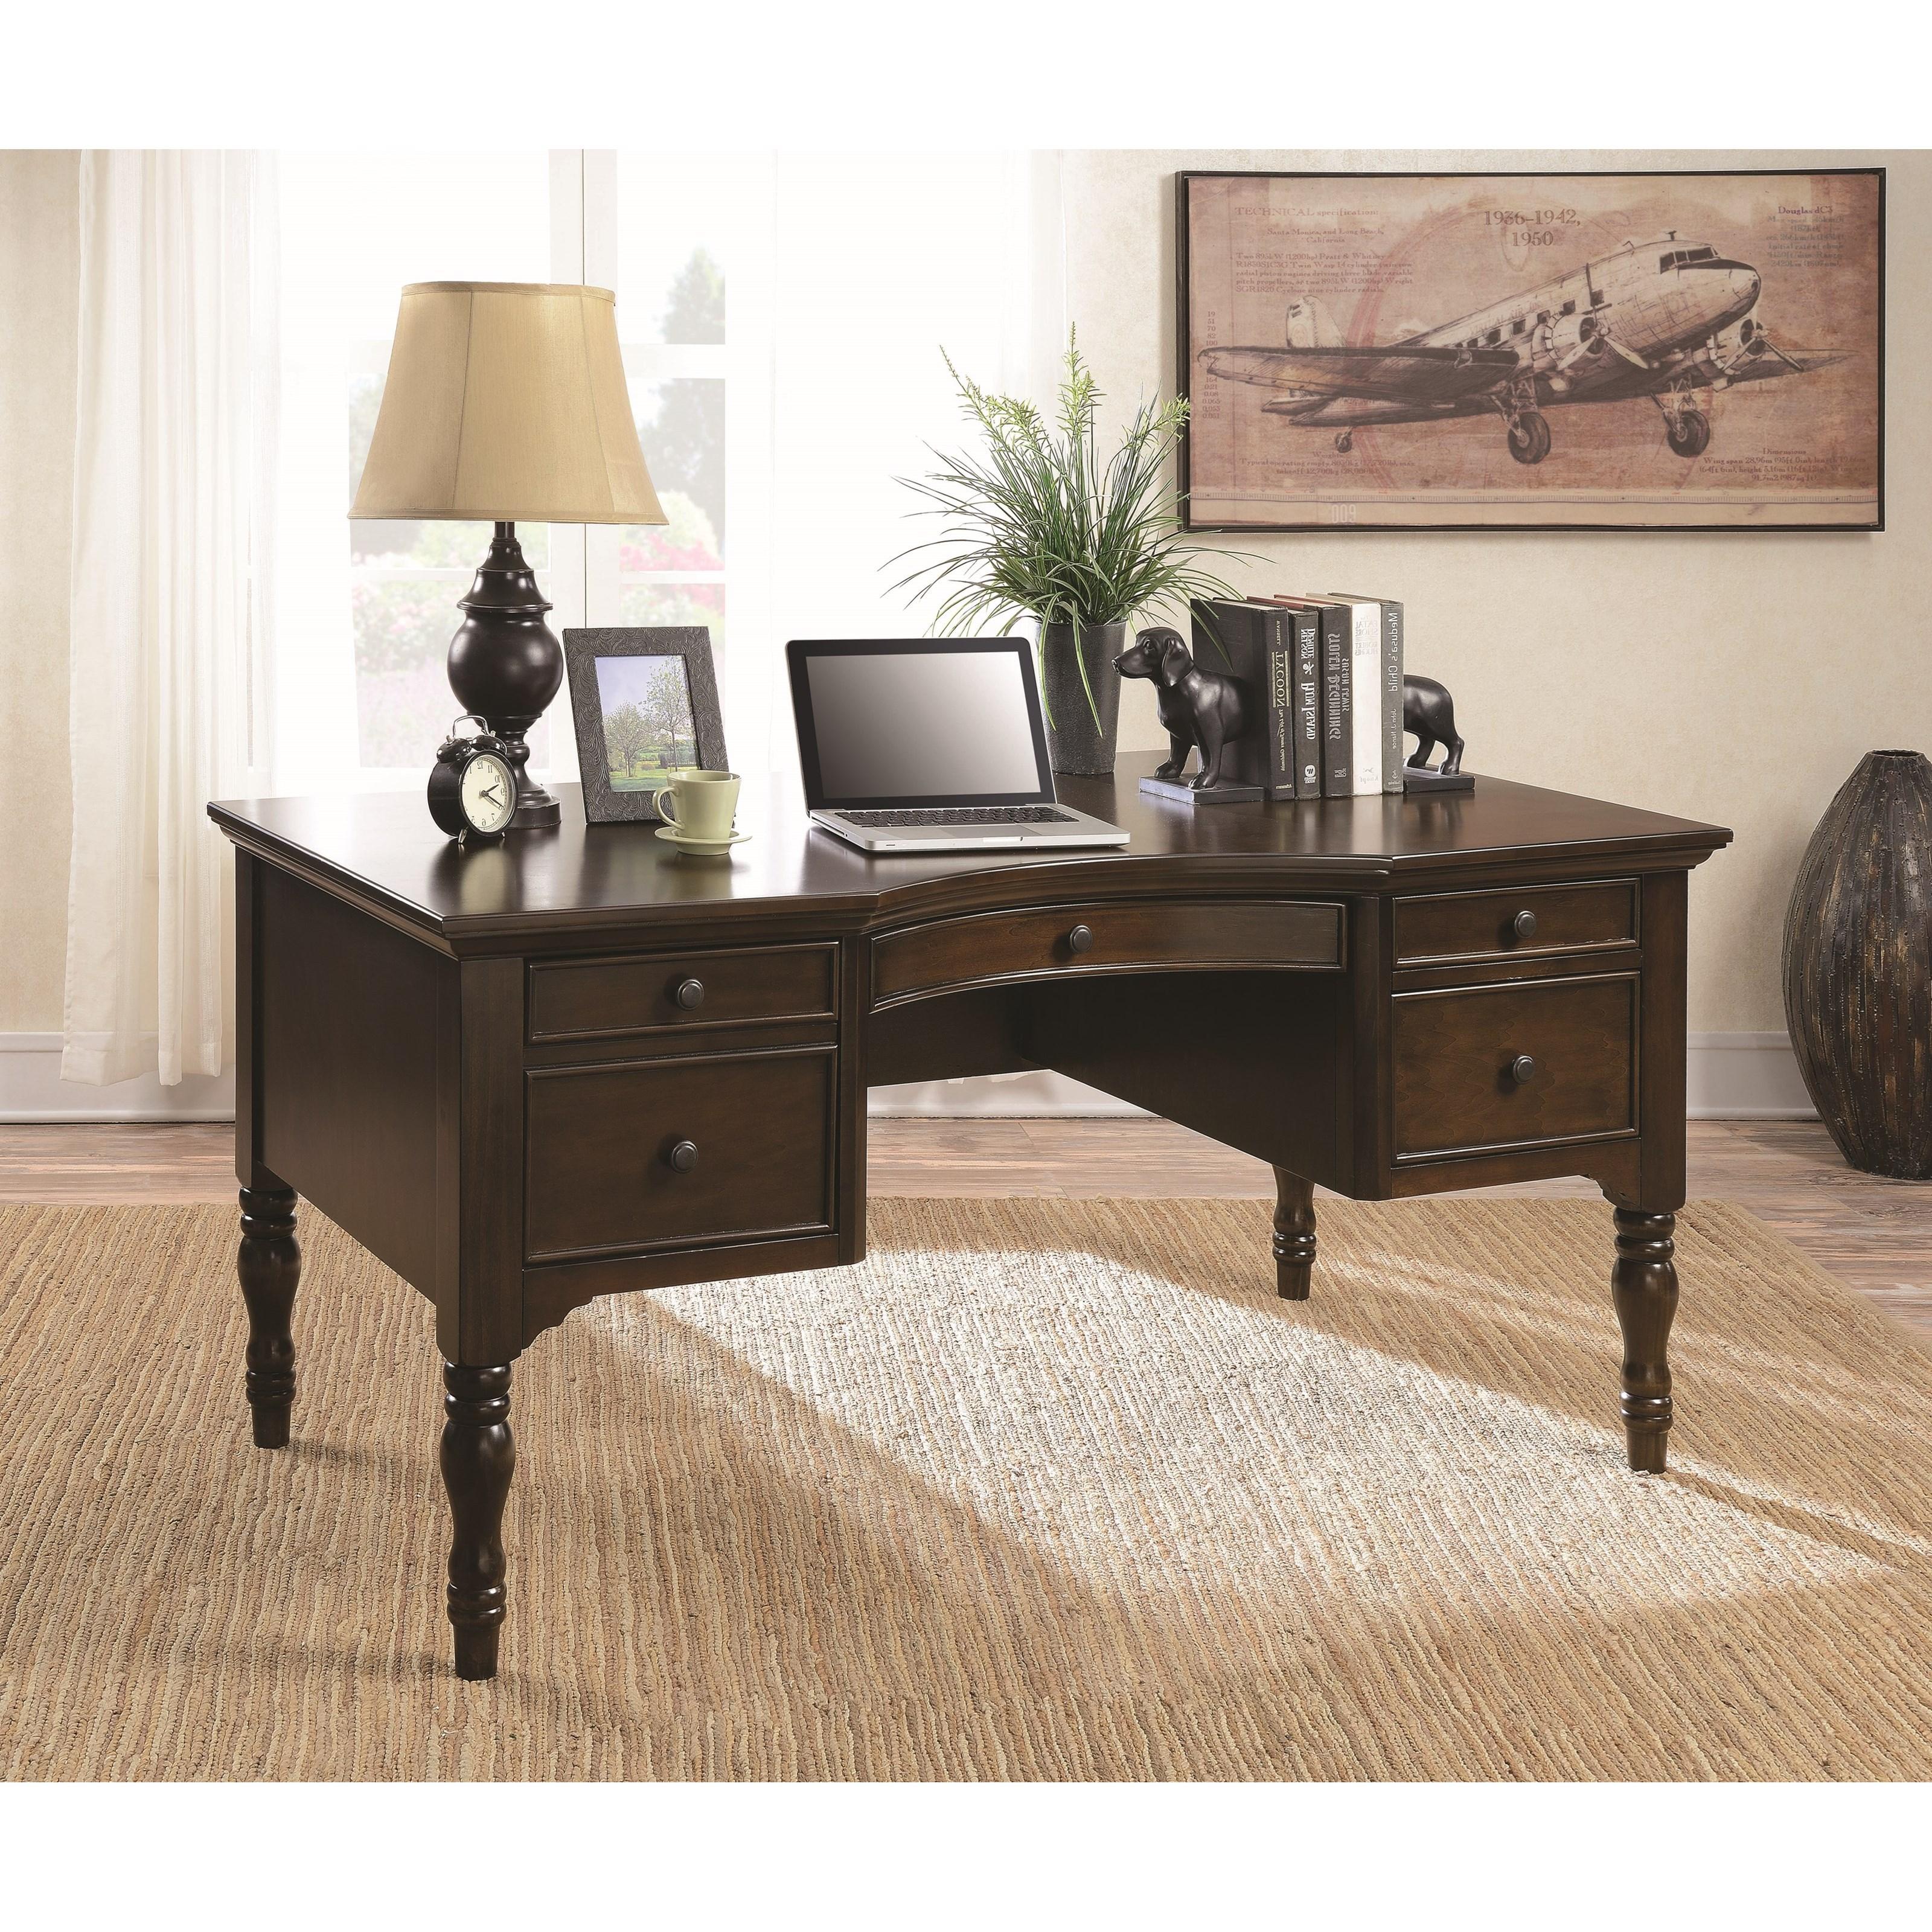 Coaster Desks Desk - Item Number: 800850